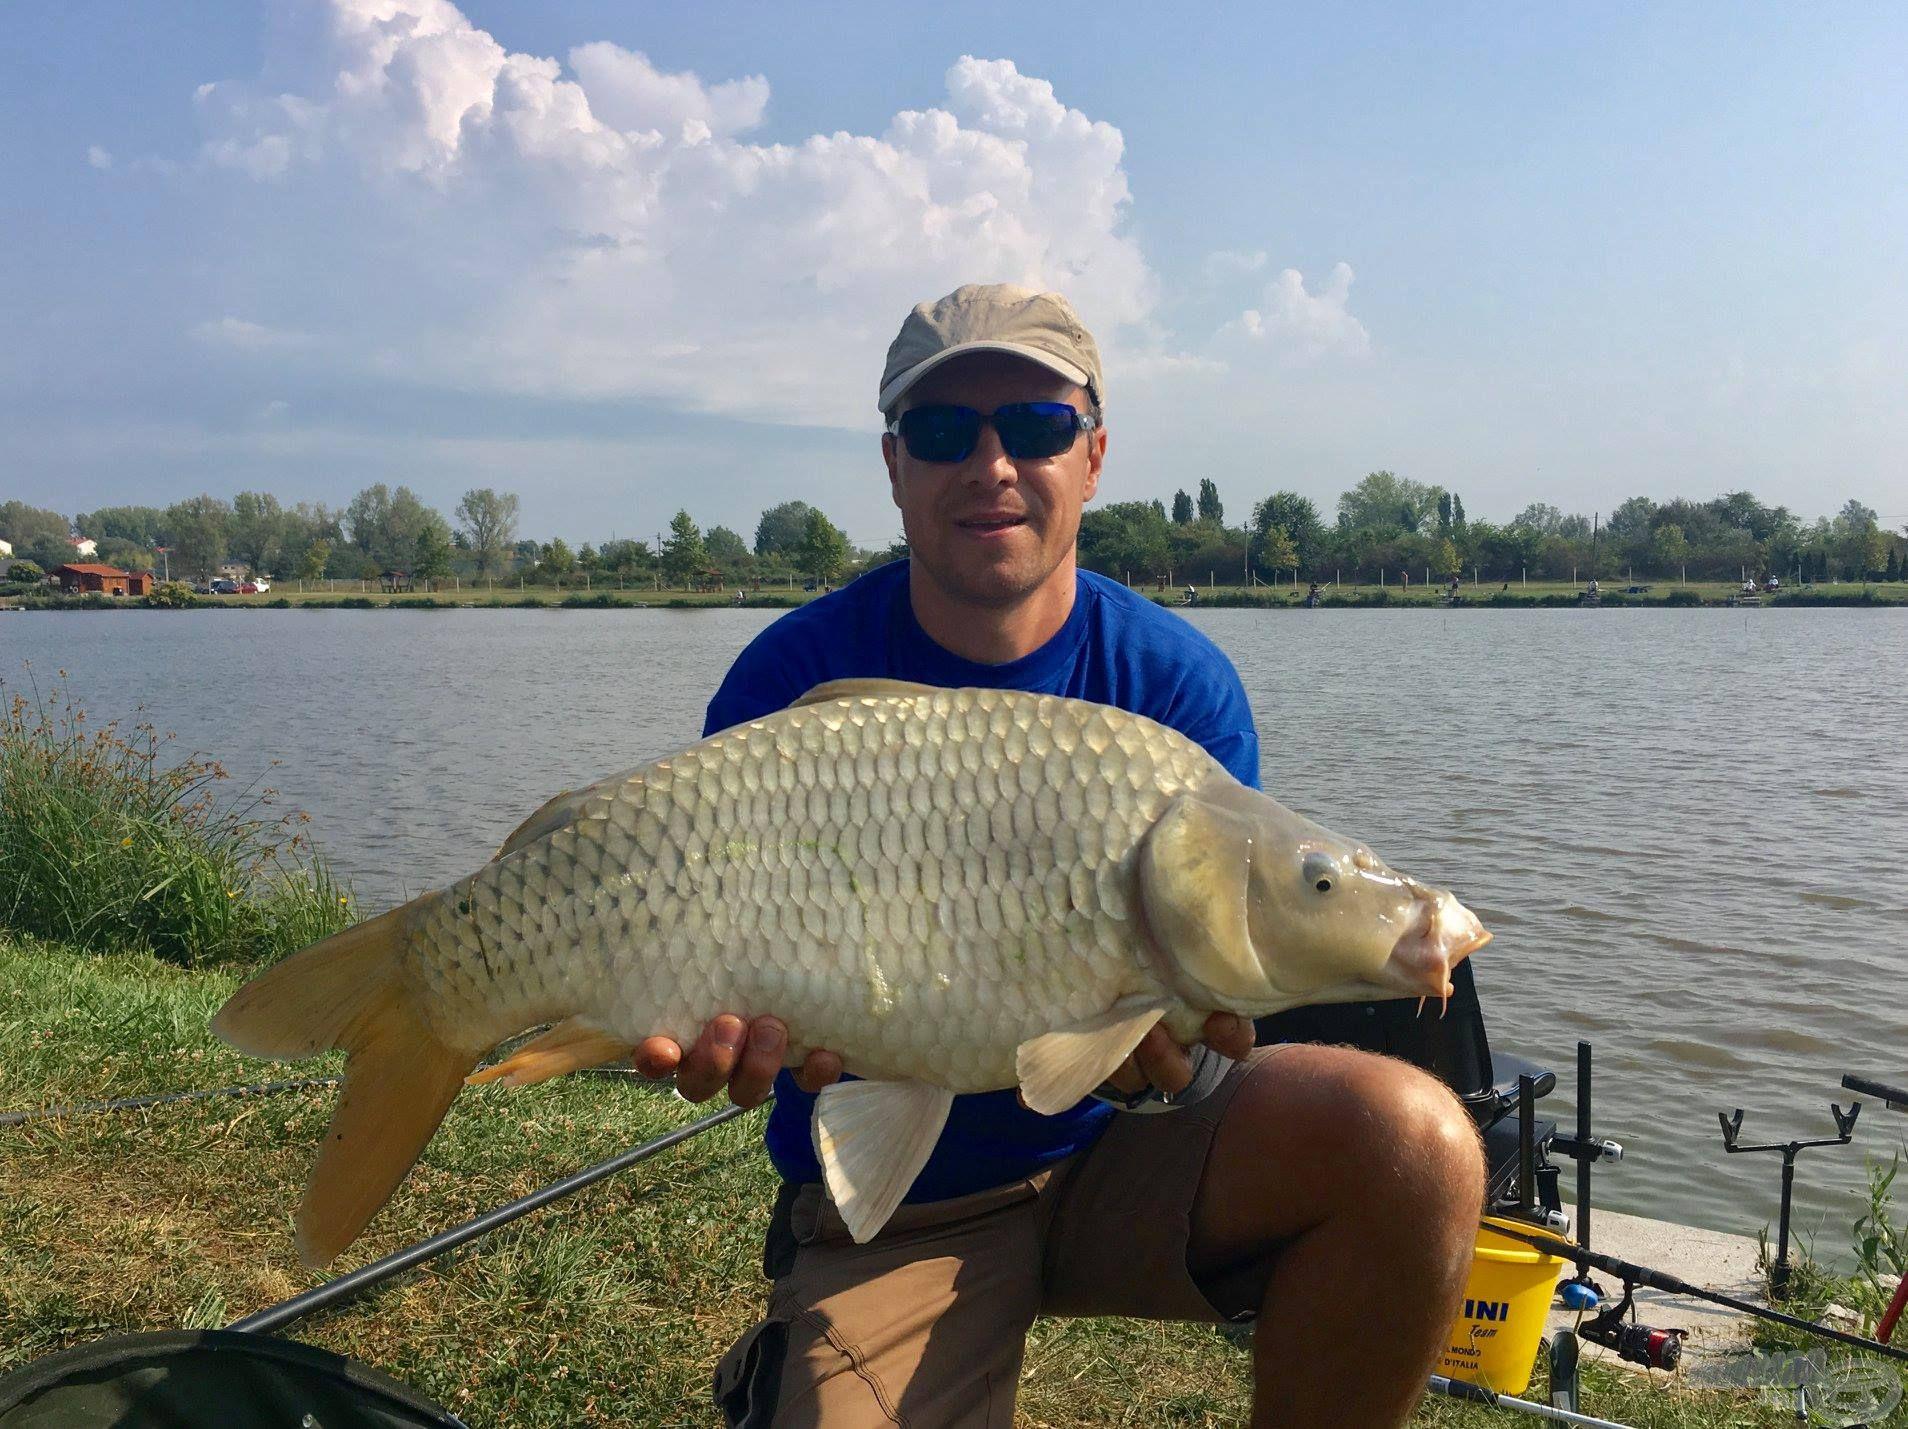 Pintér Zoltán jó gazdához méltón bánt a halakkal!